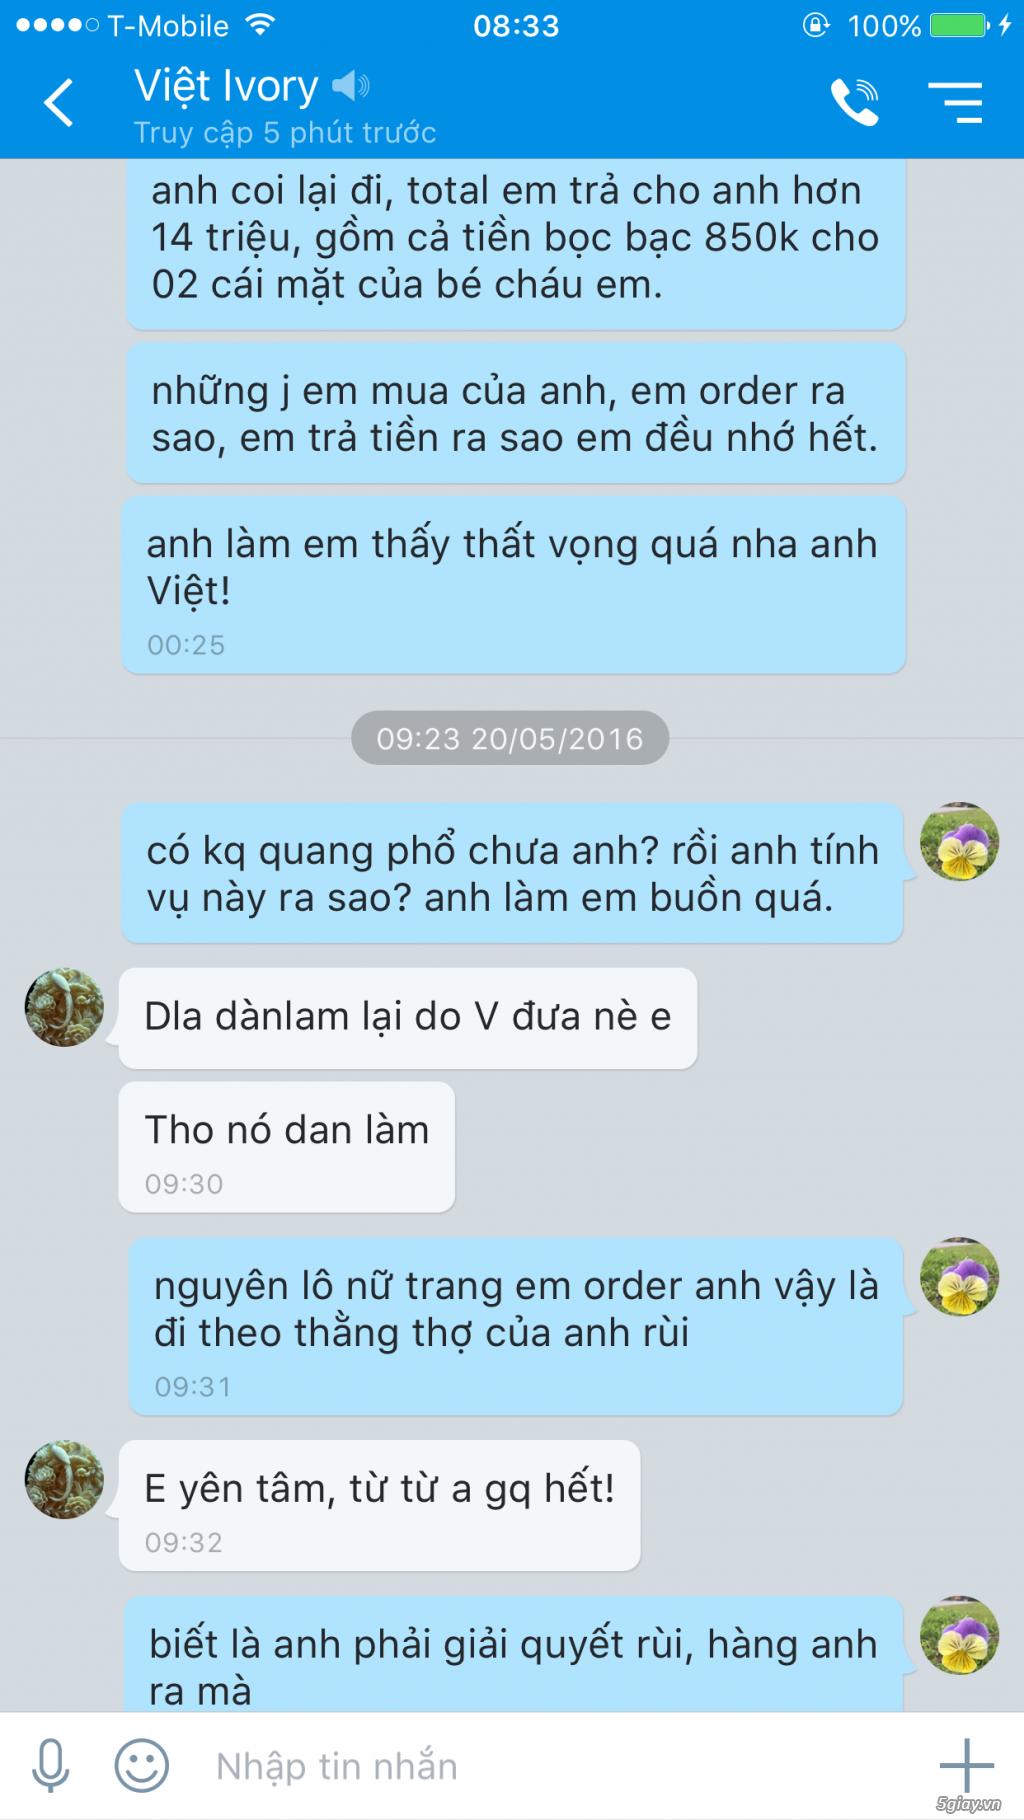 Việt Ivory lừa đảo, mọi người cảnh giác! - 3